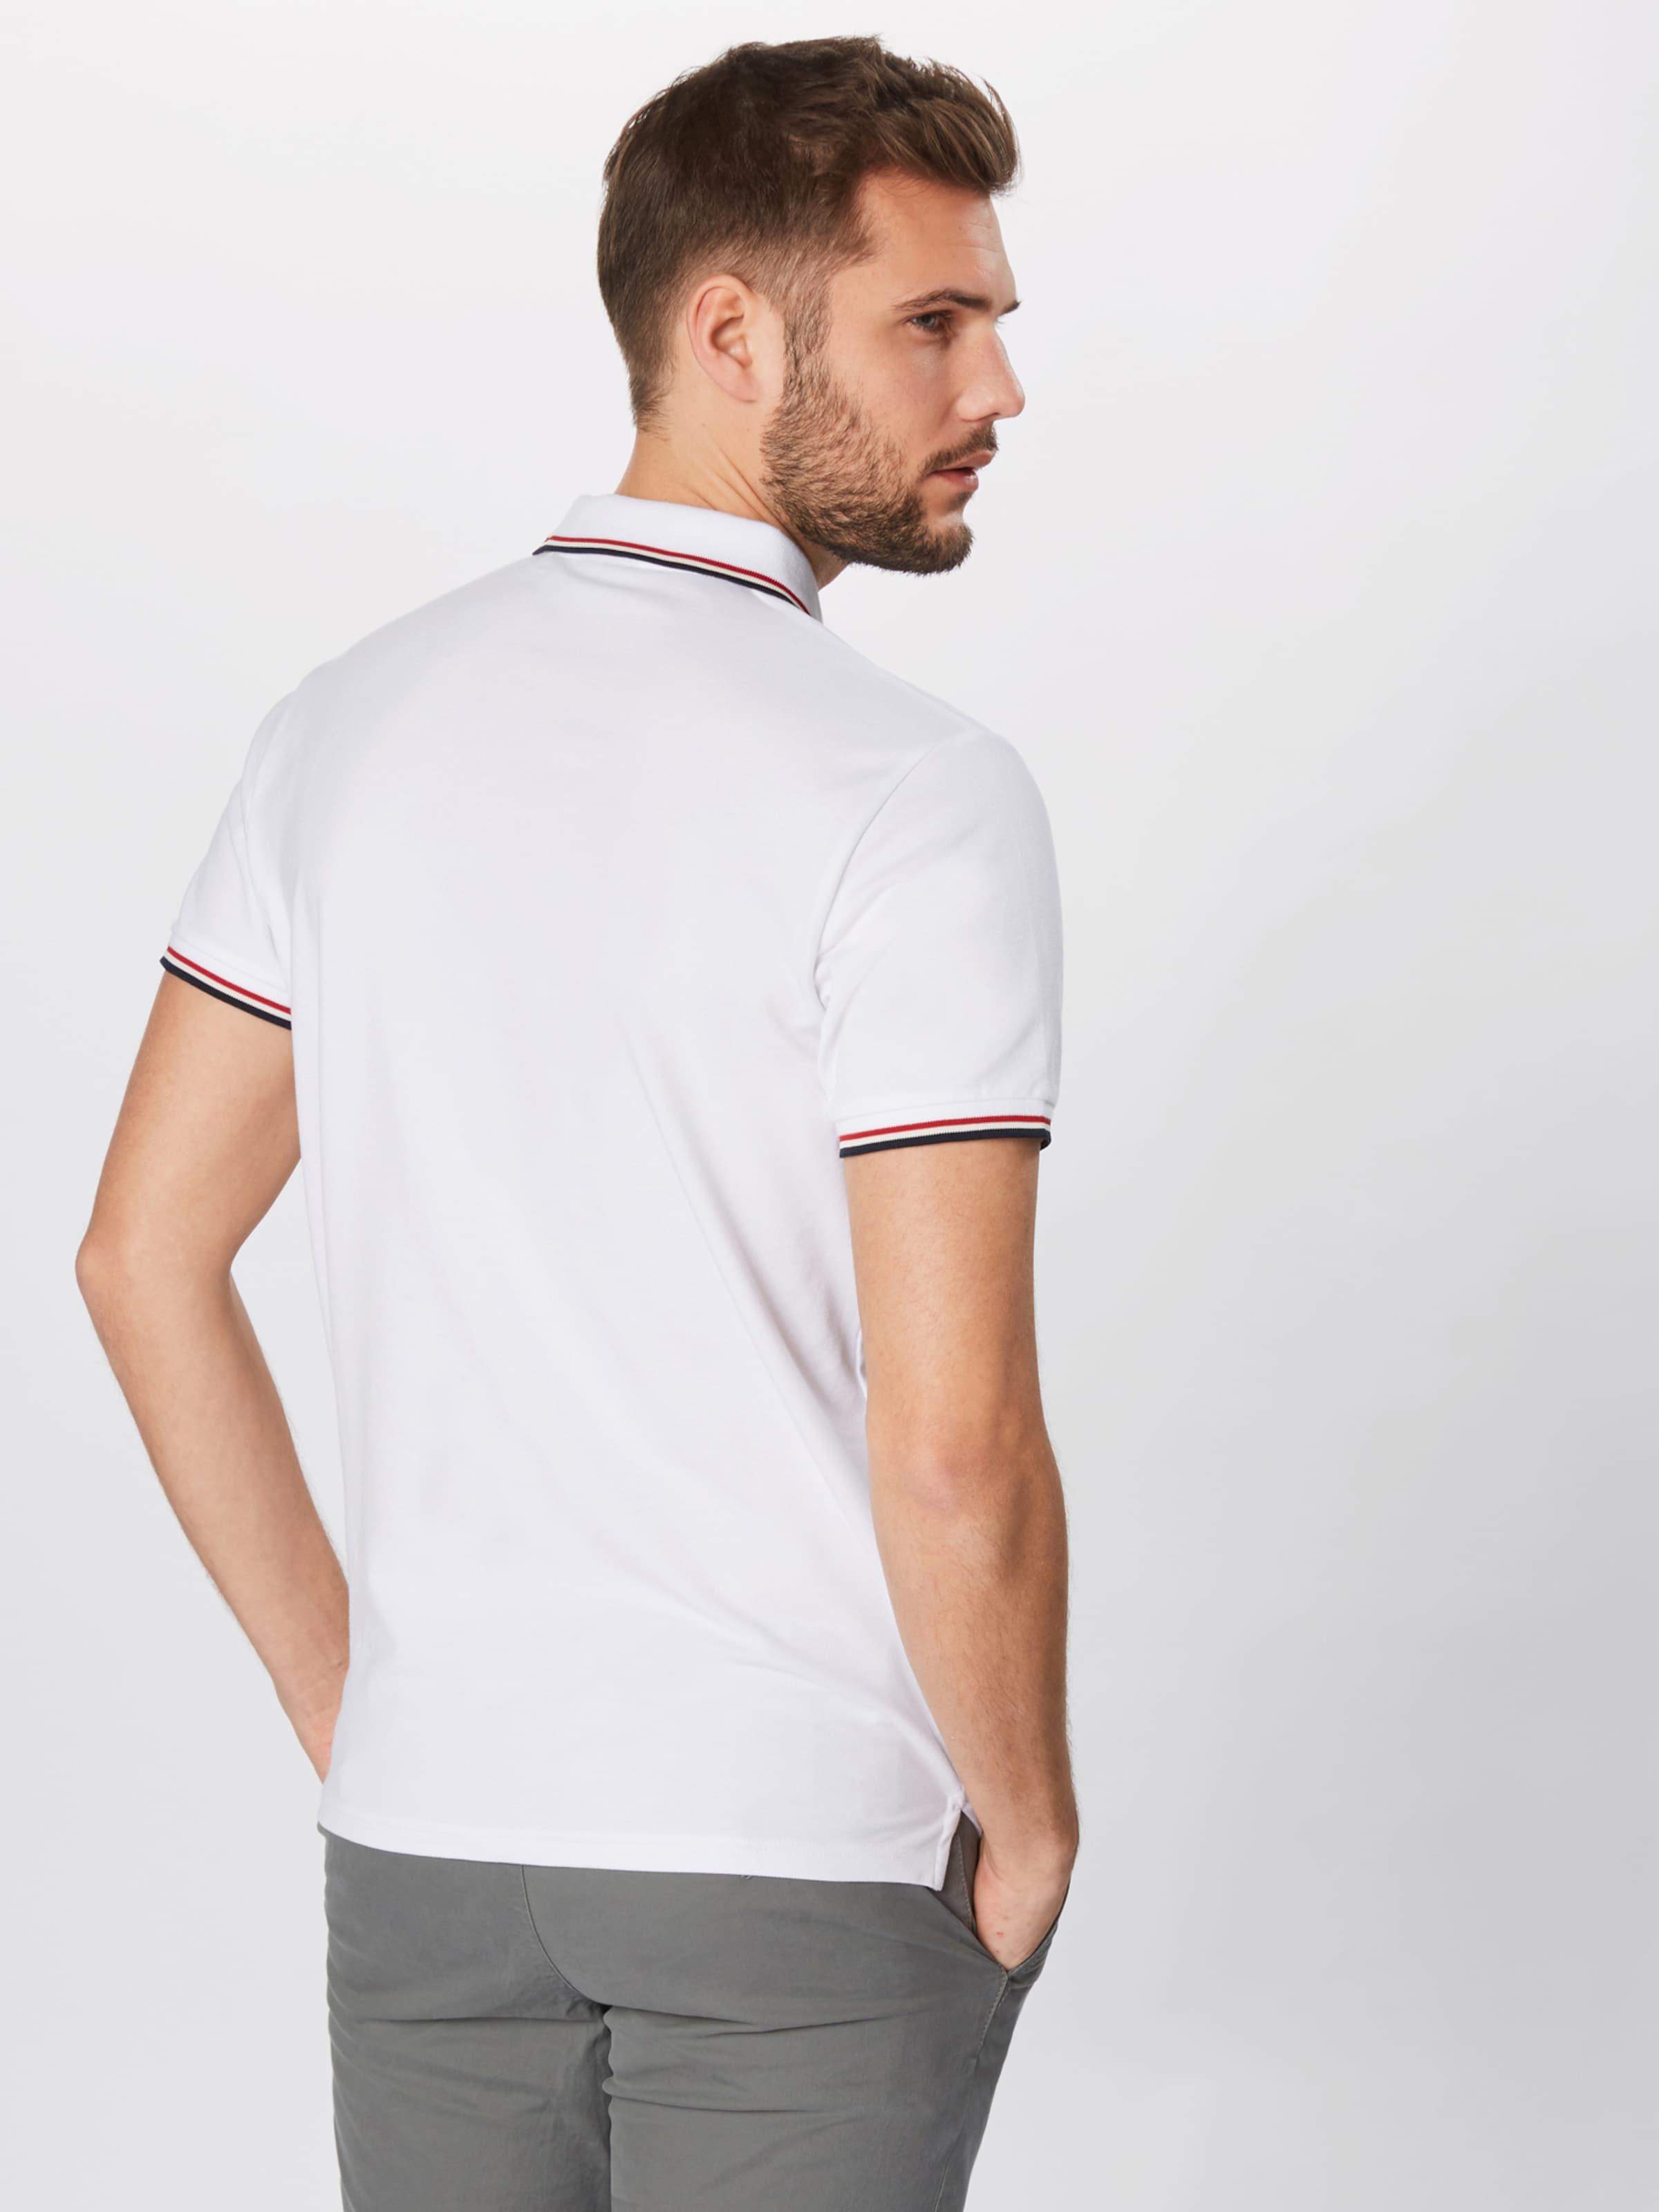 Poloshirt Gant In Poloshirt Gant Gant Weiß Weiß In NachtblauRot NachtblauRot WxoBCerQd